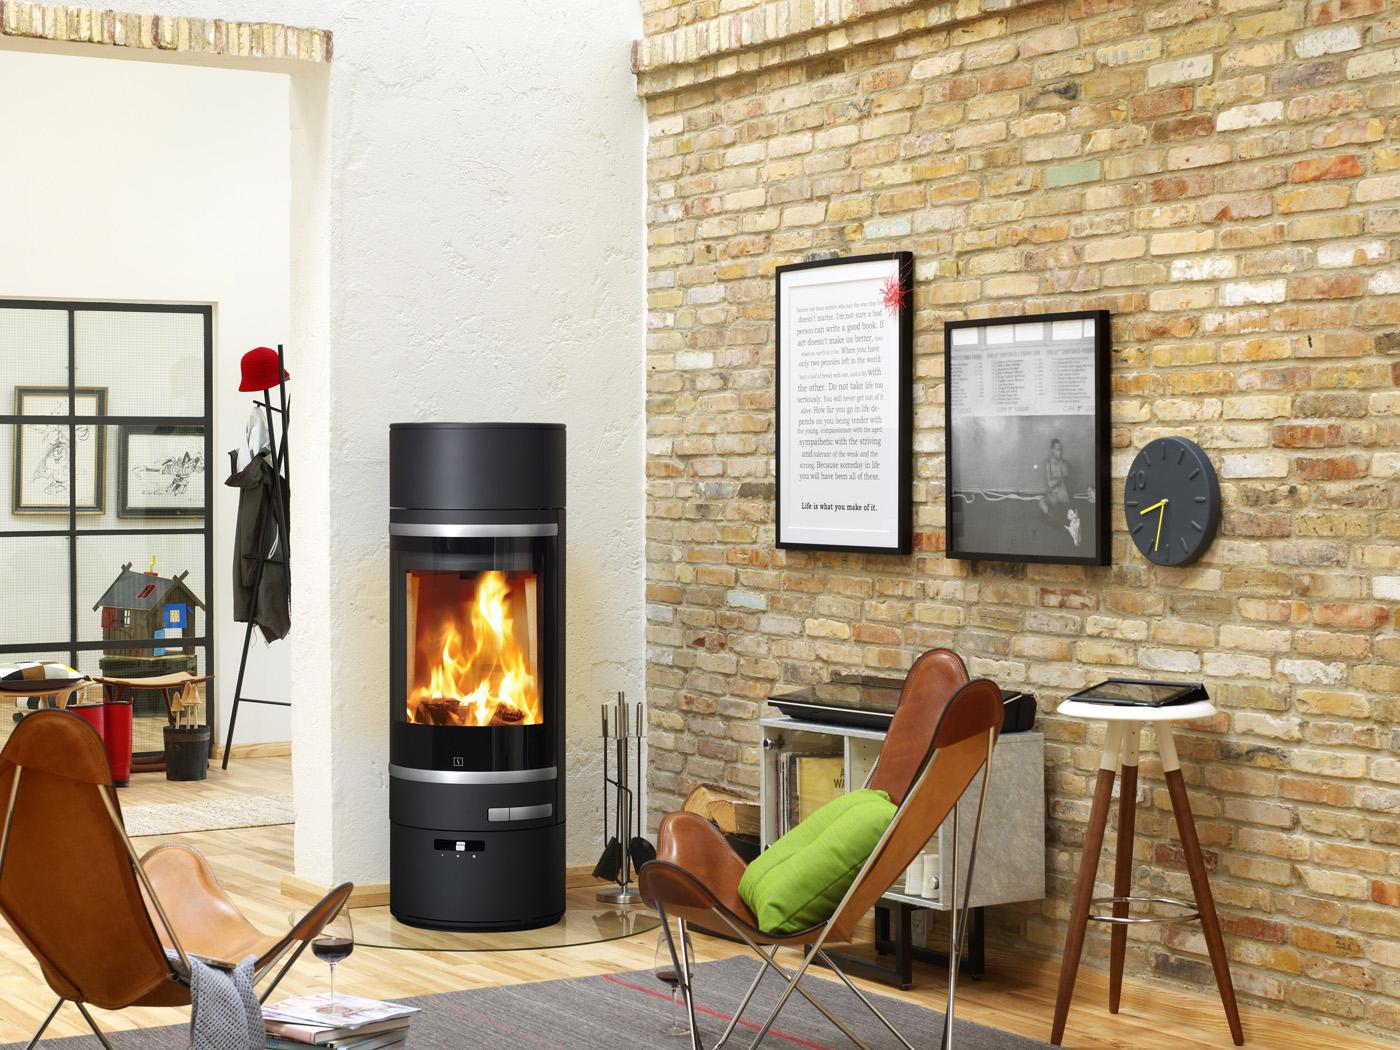 les po les scan sont chez atre et loisirs installateur. Black Bedroom Furniture Sets. Home Design Ideas